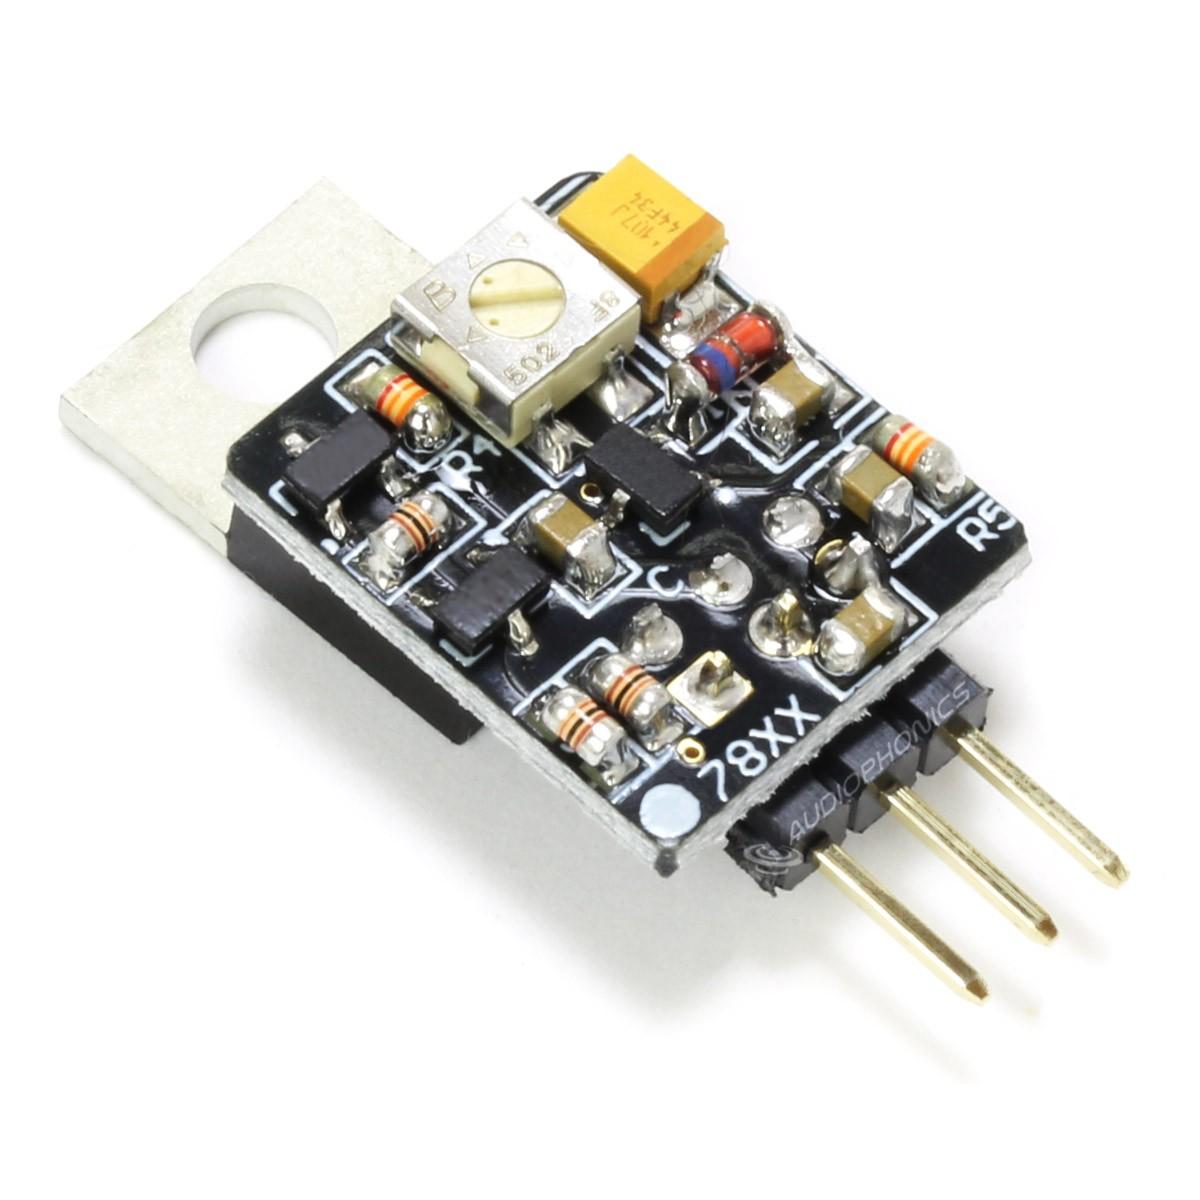 Régulateur de Tension Discret Ajustable LM7812 +12V / +25V